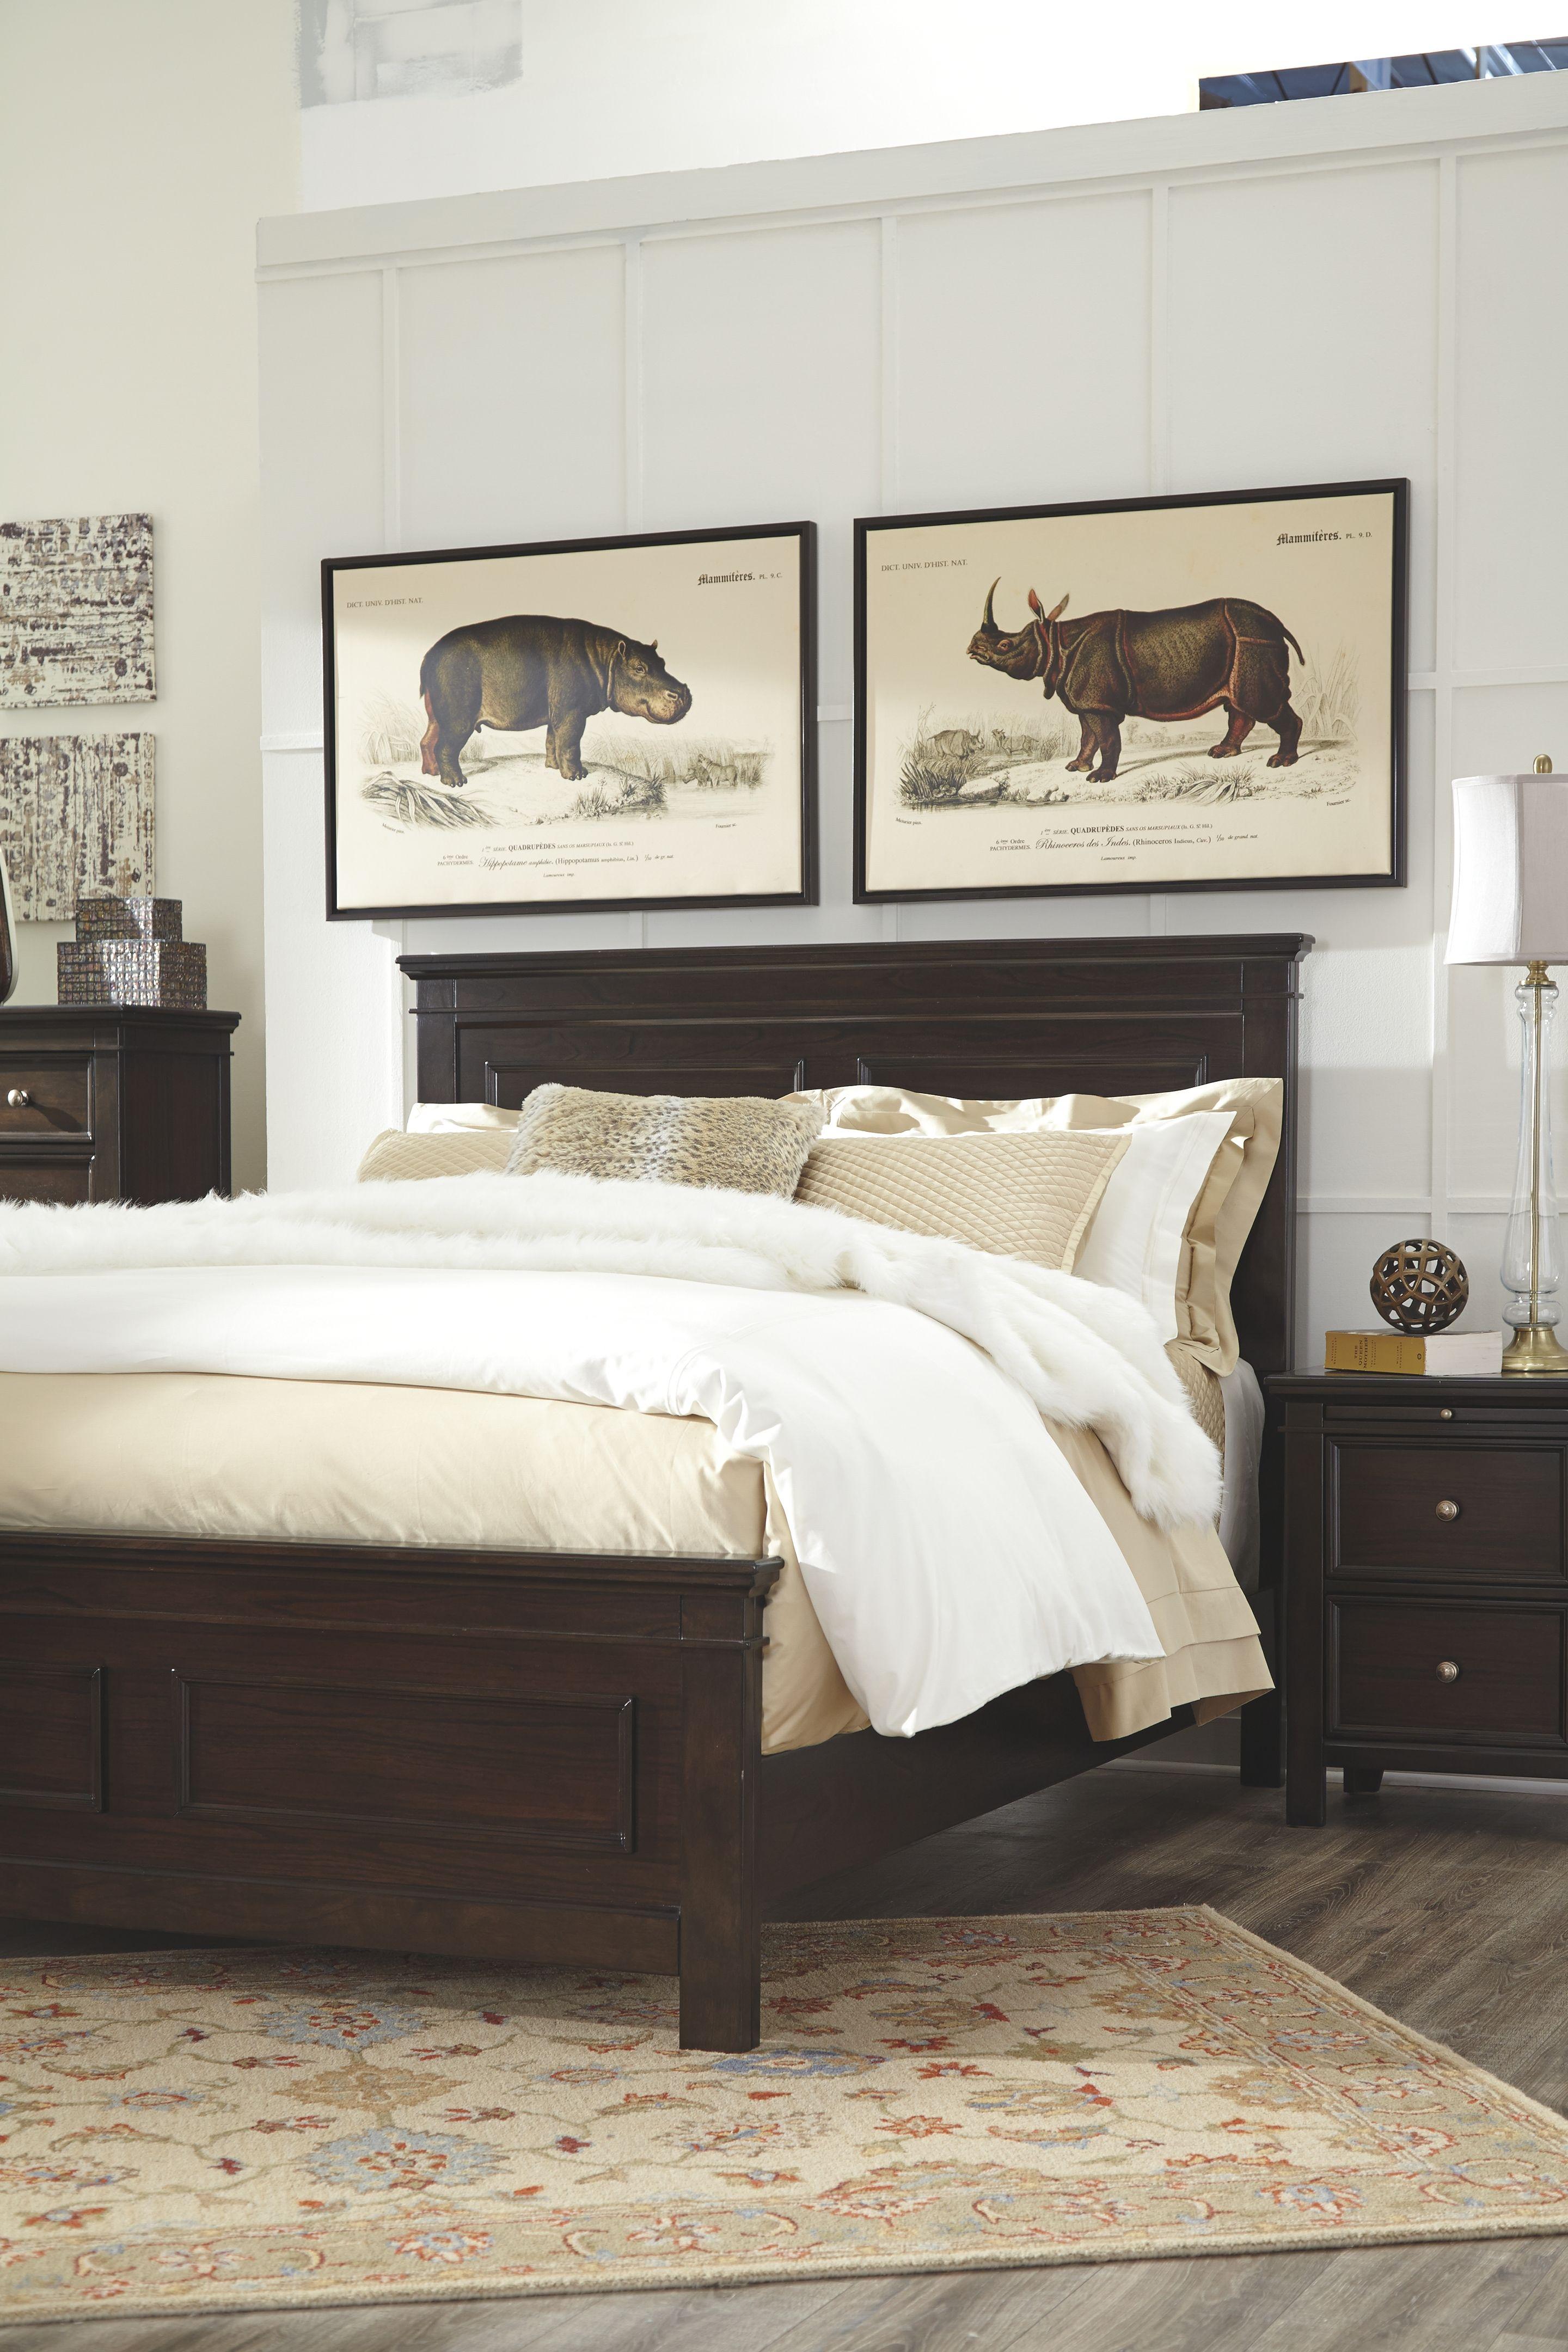 Alexee Queen Panel Bed, Dark Brown Remodel bedroom, Home